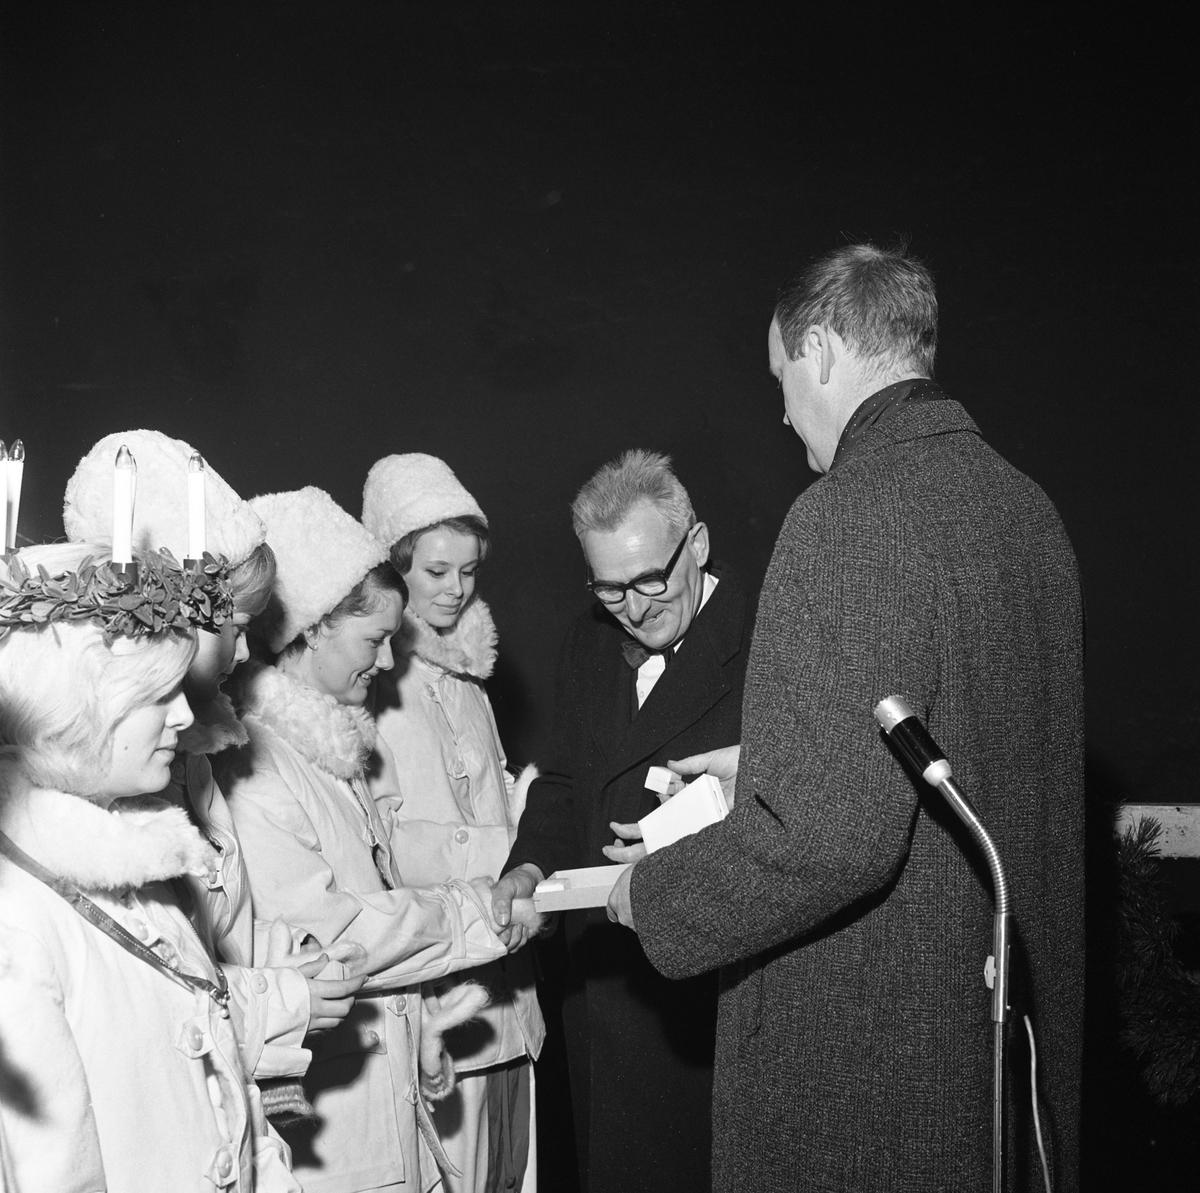 Luciakröning av stadsfullmäktiges ordförande, Jonas Carlsson. Lucia och tre tärnor, iklädda vinterjackor. Tärnorna har pälsmössor.